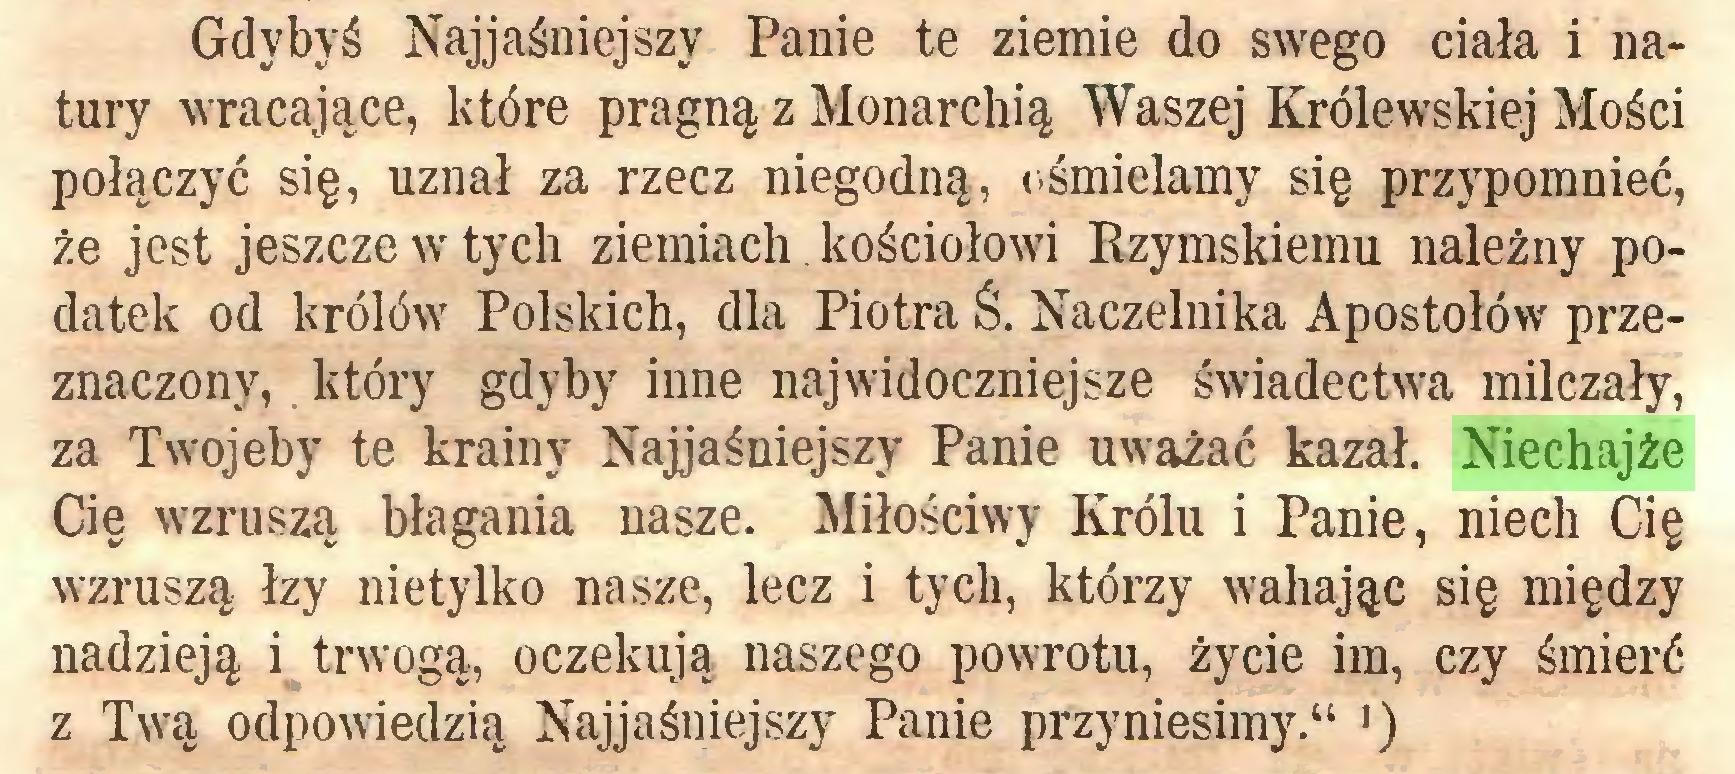 """(...) Gdybyś Najjaśniejszy Panie te ziemie do swego ciała i natury wracające, które pragną z Monarchią Waszej Królewskiej Mości połączyć się, uznał za rzecz niegodną, ośmielamy się przypomnieć, że jest jeszcze w tych ziemiach kościołowi Rzymskiemu należny podatek od królów Polskich, dla Piotra Ś. Naczelnika Apostołów przeznaczony, który gdyby inne najwidoczniejsze świadectwa milczały, za Twojeby te krainy Najjaśniejszy Panie uważać kazał. Niechajże Cię wzruszą błagania nasze. Miłościwy Królu i Panie, niech Cię wzruszą łzy nietylko nasze, lecz i tych, którzy wahając się między nadzieją i trwogą, oczekują naszego powrotu, życie im, czy śmierć z Twą odpowiedzią Najjaśniejszy Panie przyniesimy."""" J)..."""